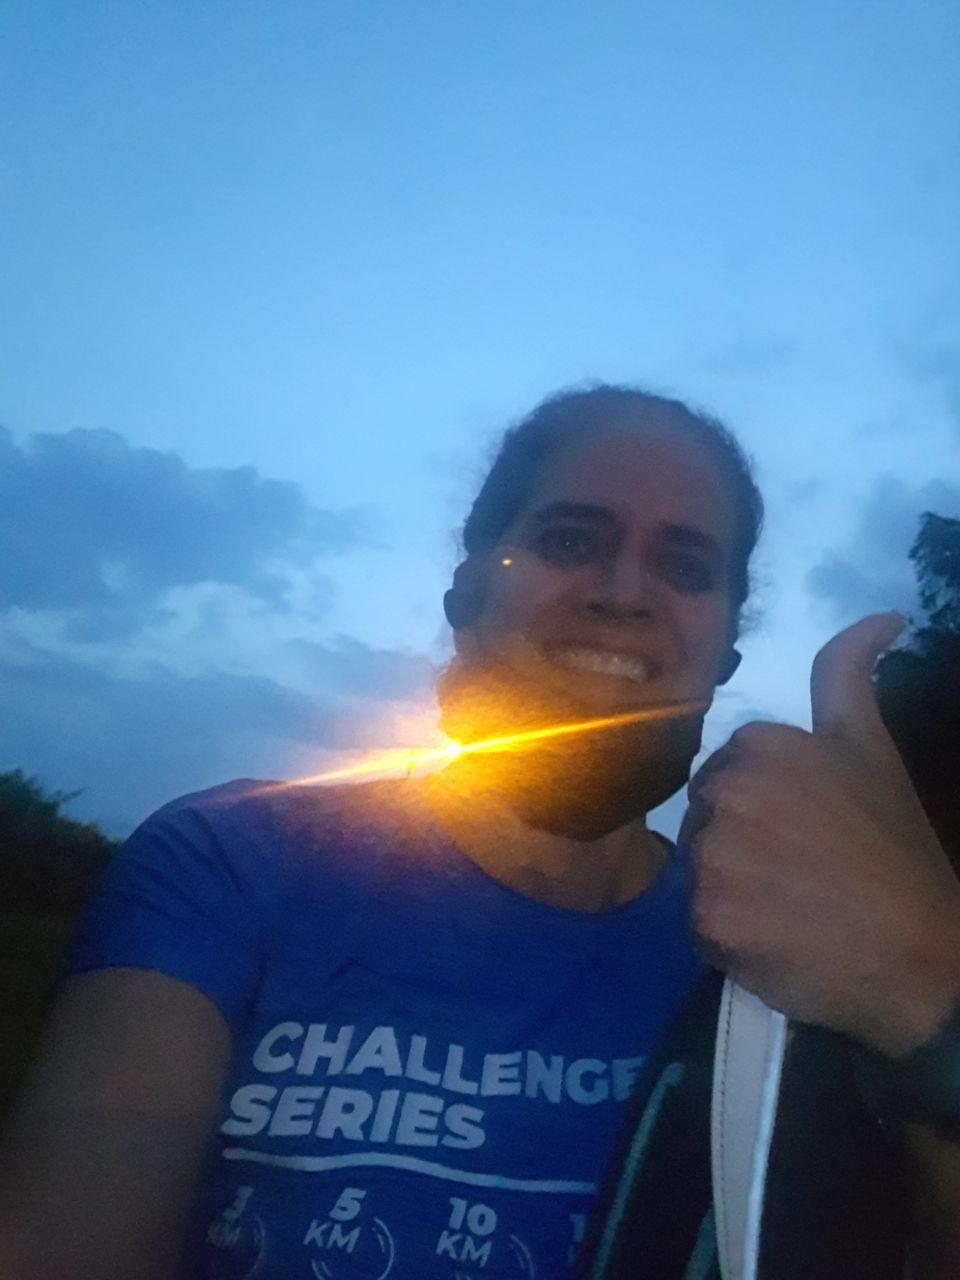 Felíz de culminar mi challenge race series 2020 con 3kms despues de superar el covid gracias !!!